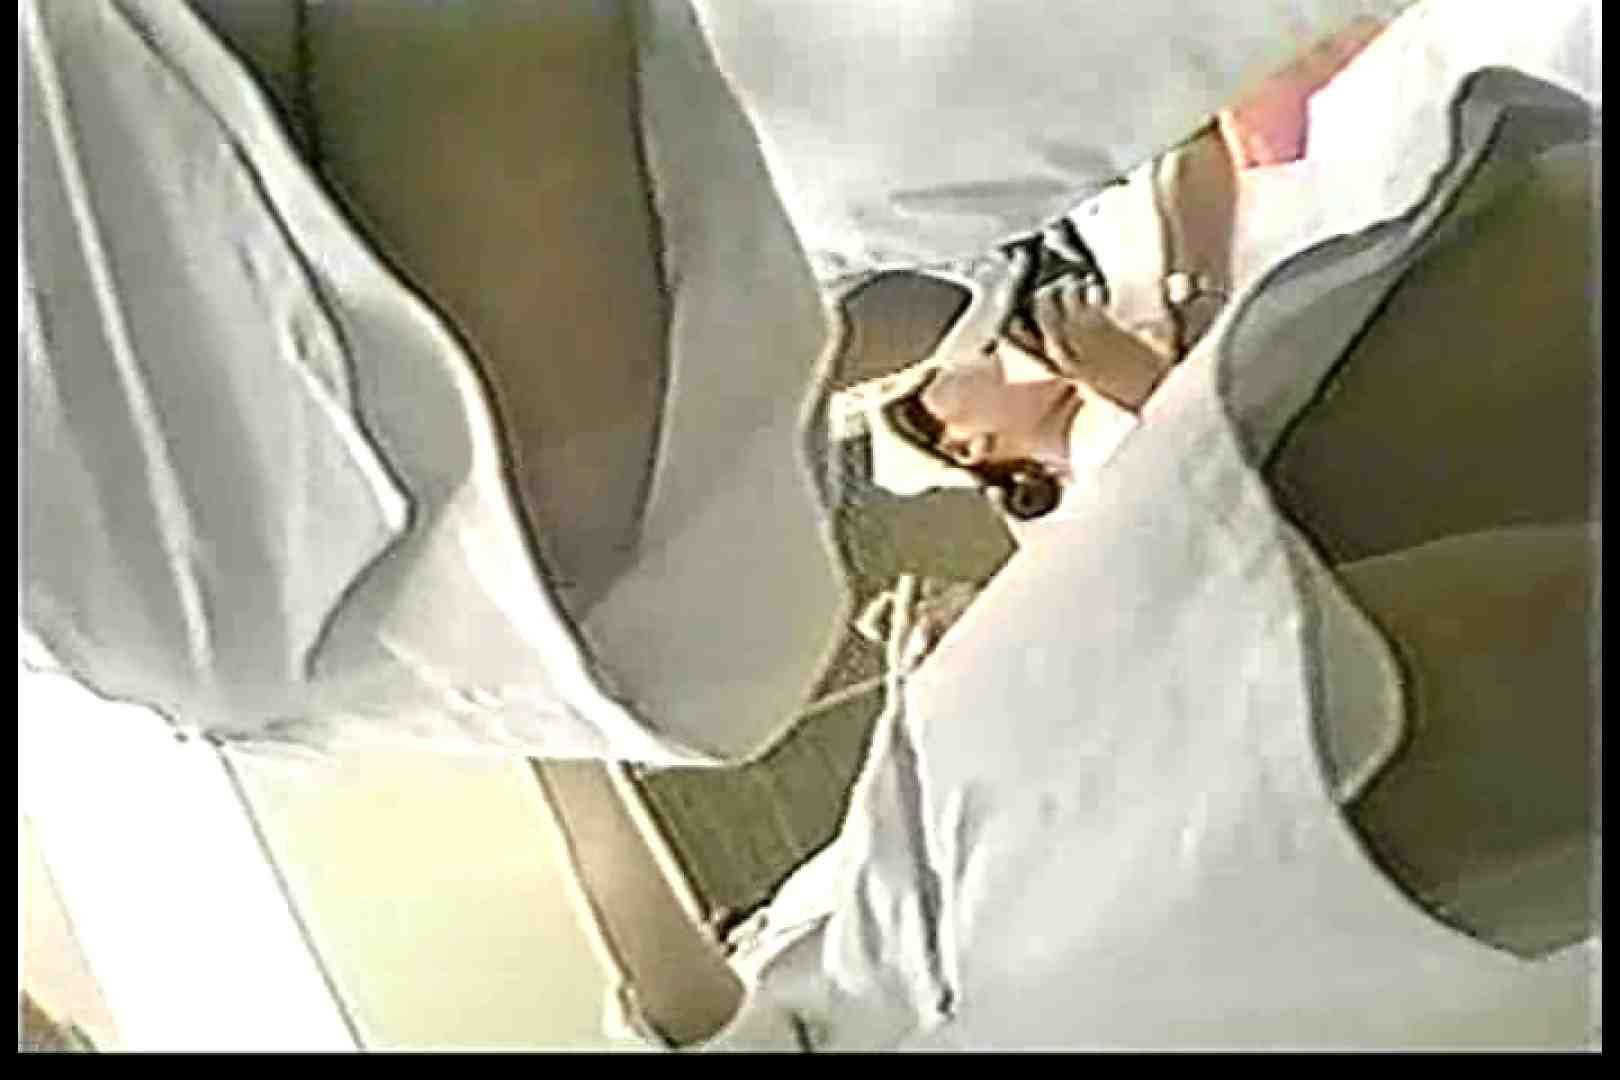 院内密着!看護婦達の下半身事情Vol.1 パンツ大放出 覗きぱこり動画紹介 47pic 32